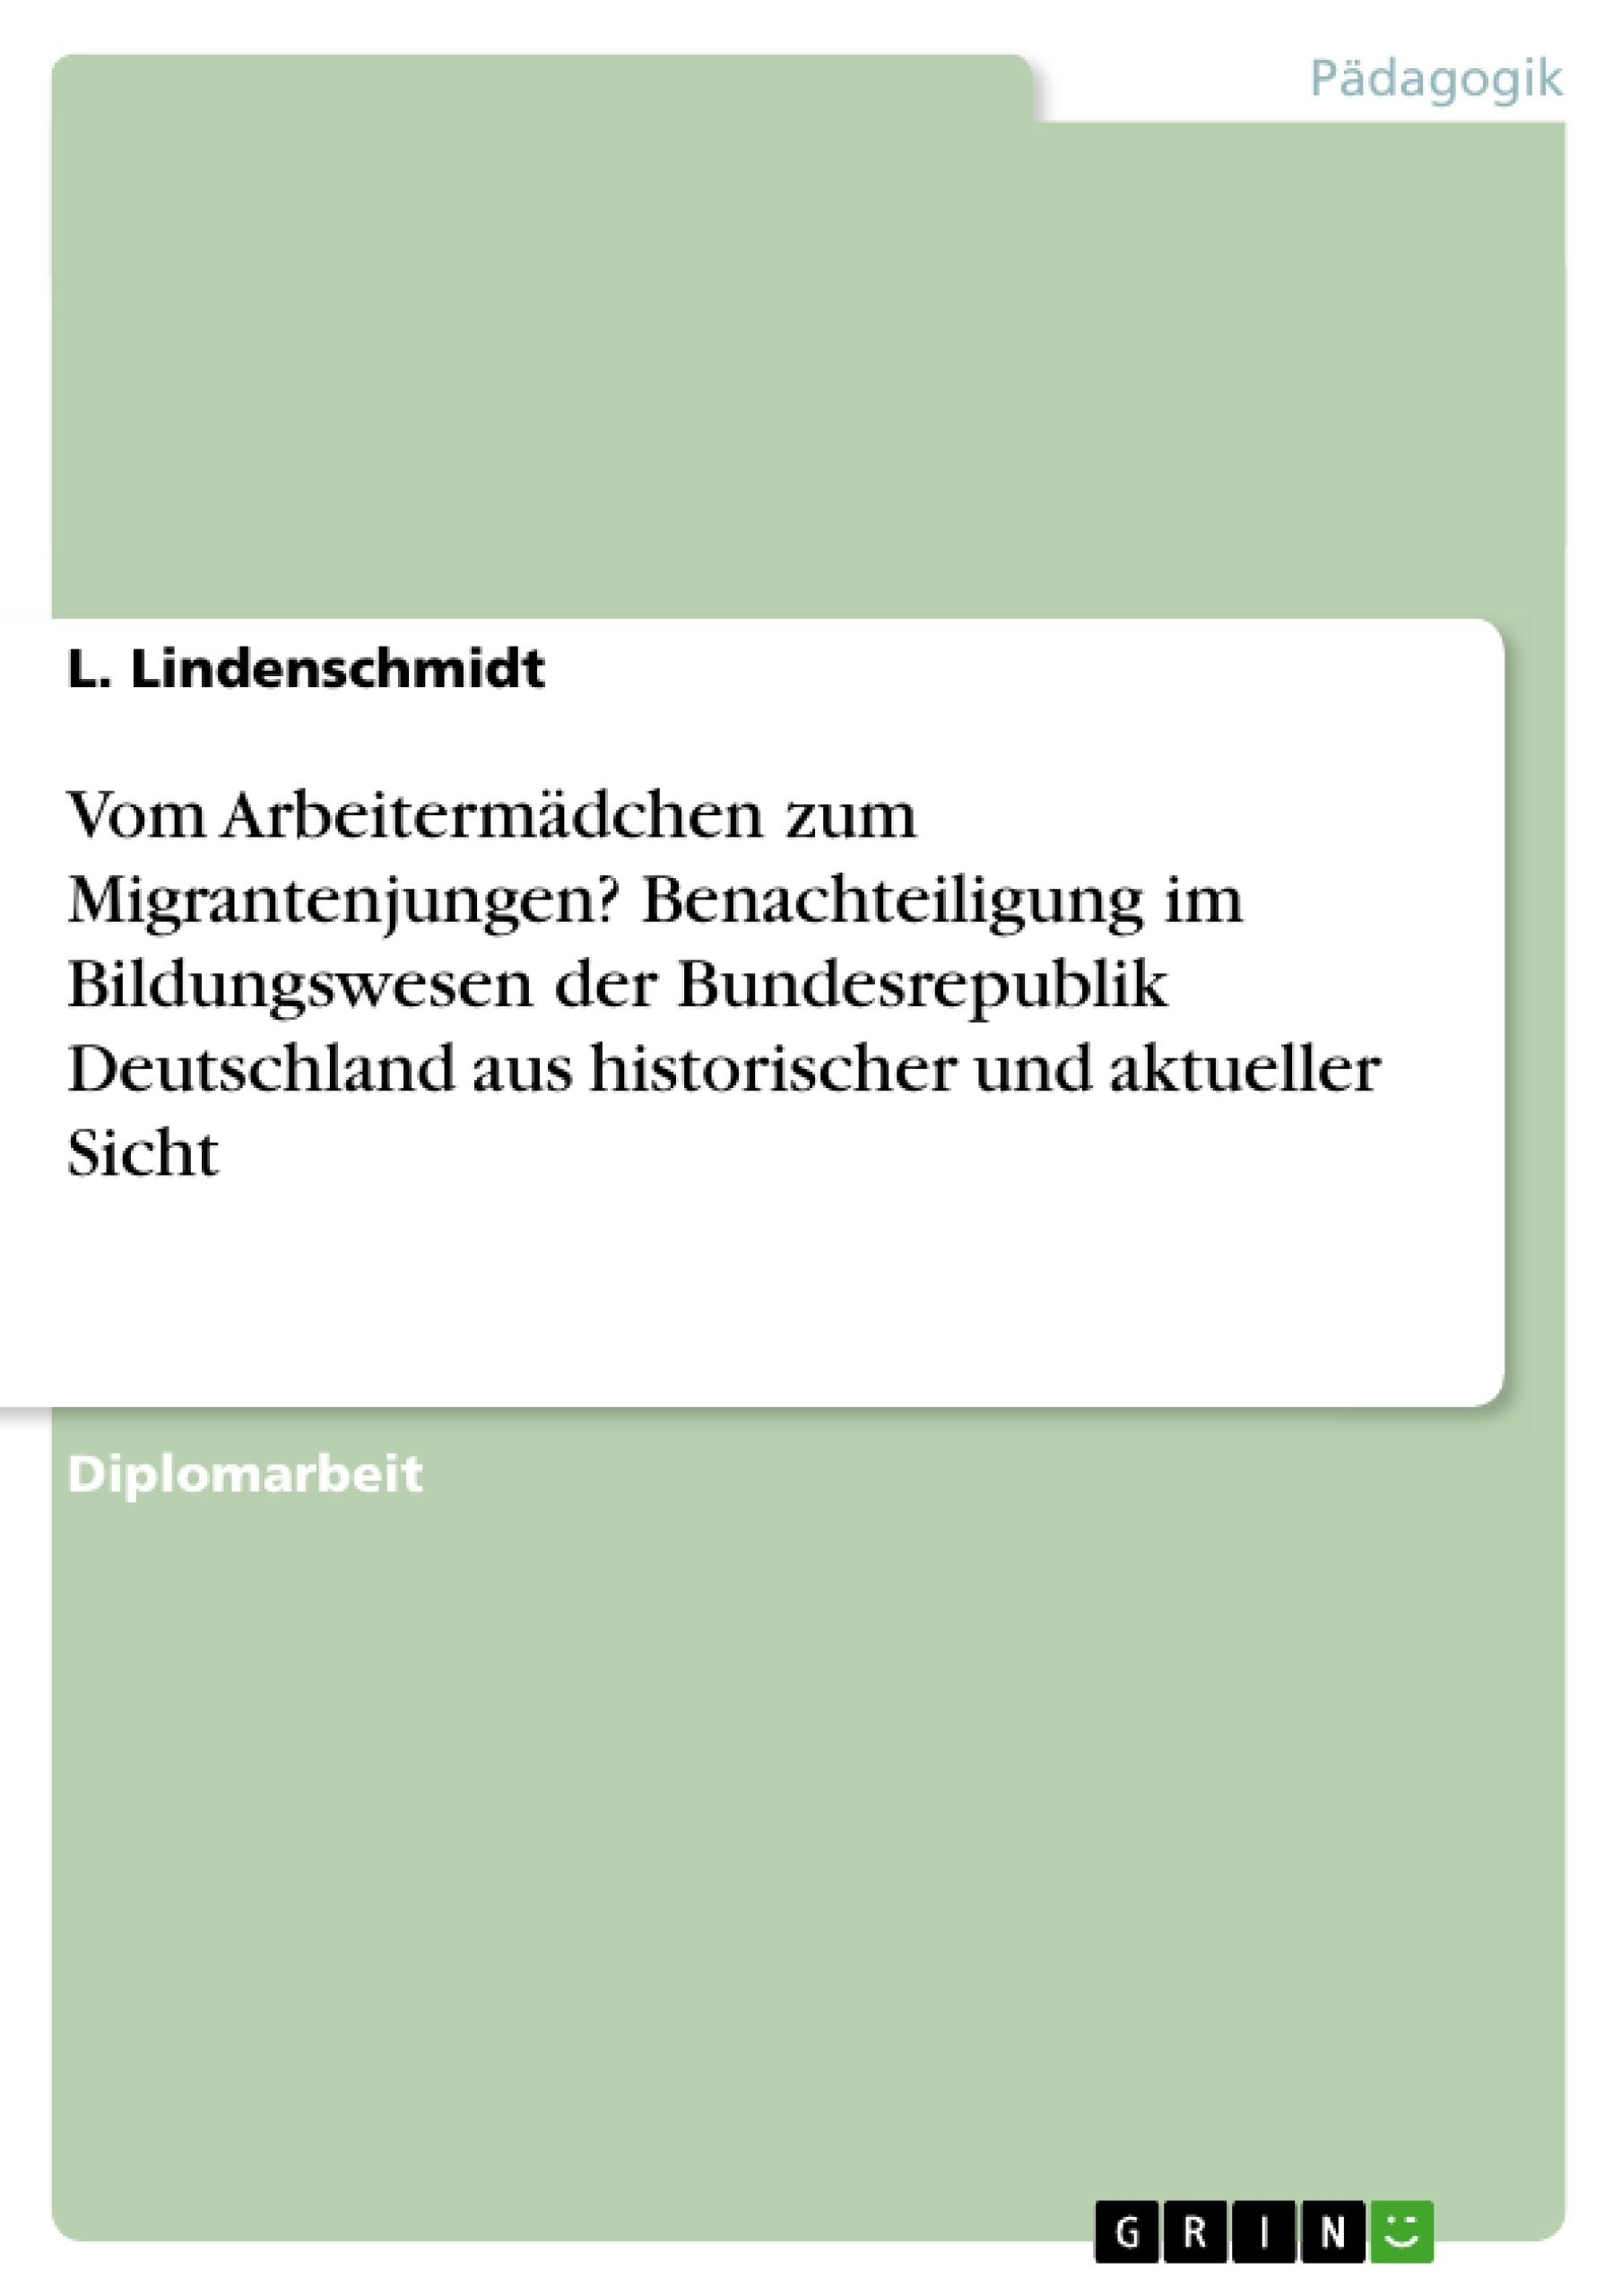 Titel: Vom Arbeitermädchen zum Migrantenjungen? Benachteiligung im Bildungswesen der Bundesrepublik Deutschland aus historischer und aktueller Sicht